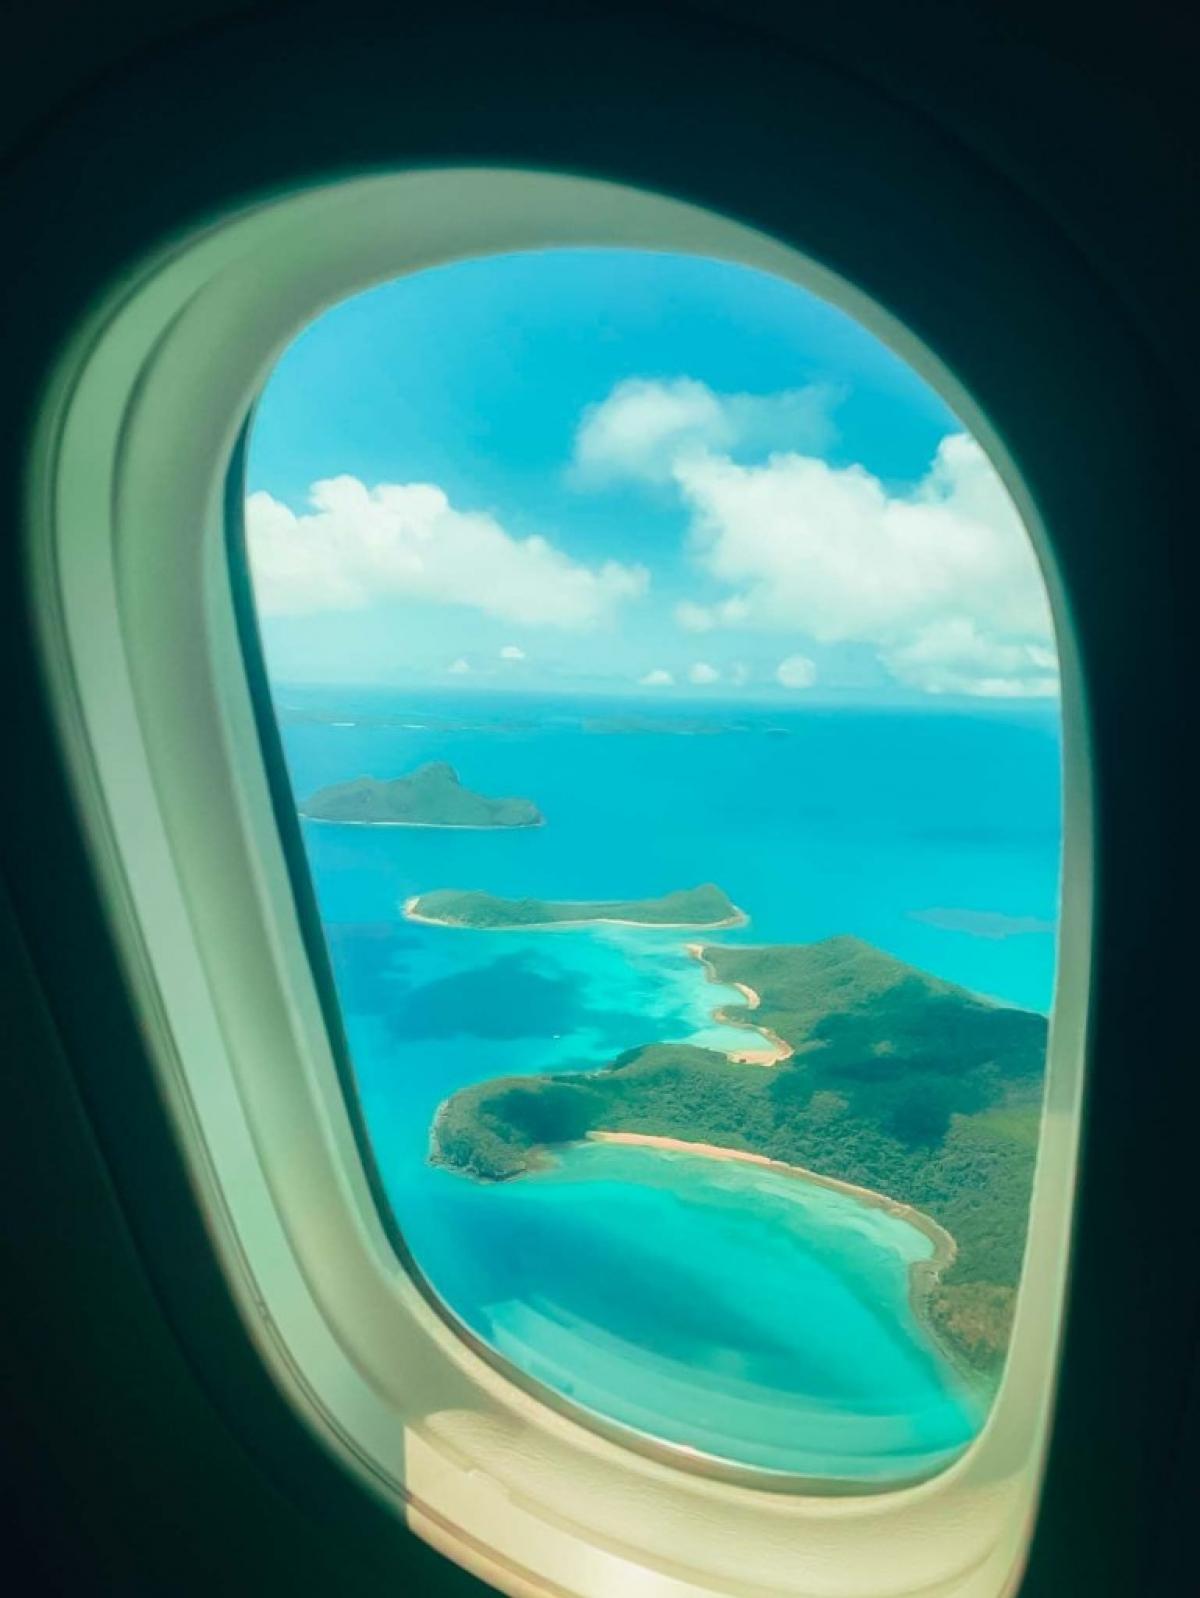 Những khung cảnh tuyệt đẹp khiến hành khách vô cùng phấn khích